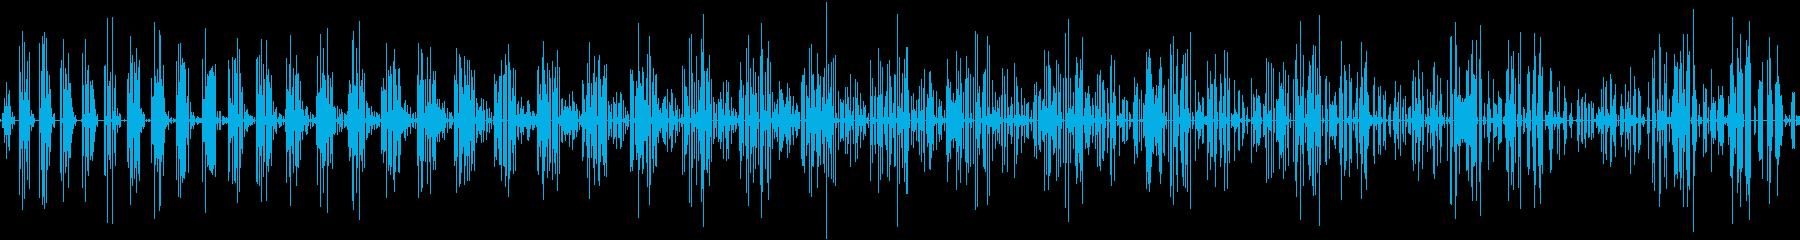 巻き下げスワイプの再生済みの波形